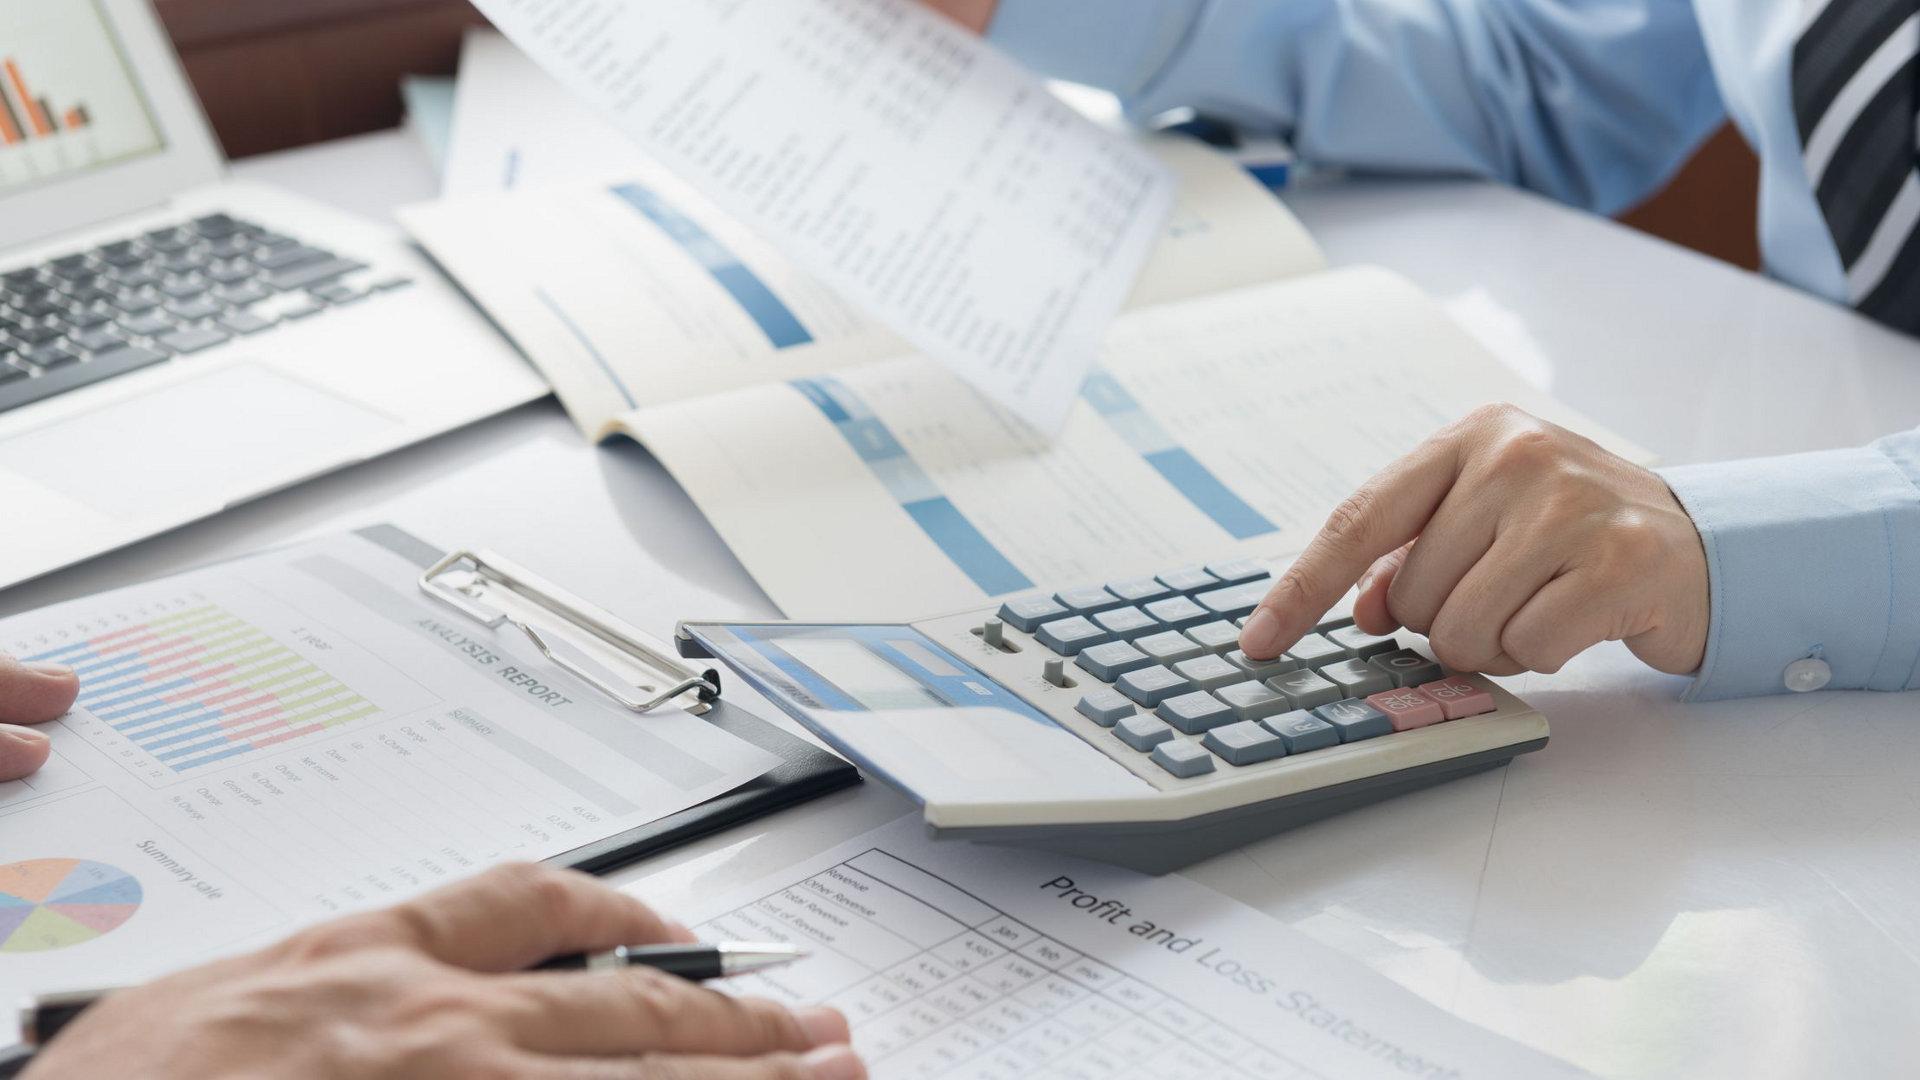 Kan man låne penger av jobben?